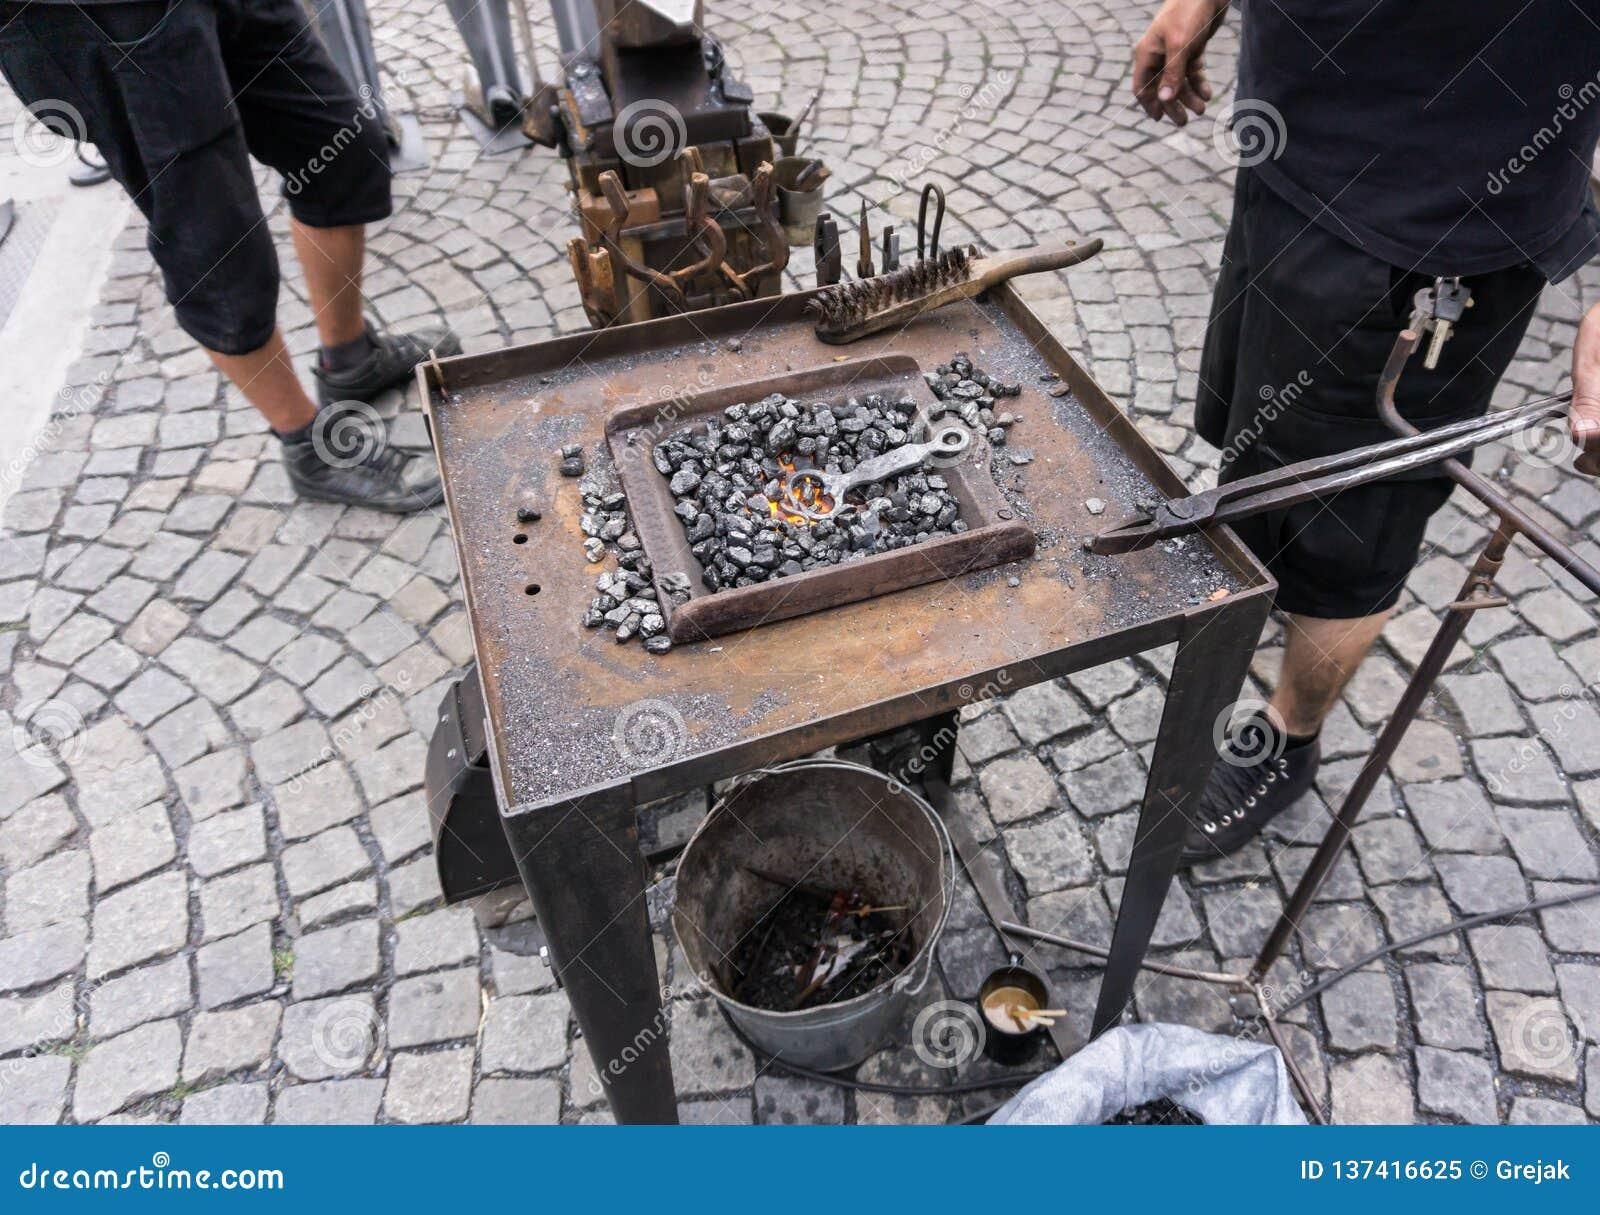 Αμόνι χεριών τα hummers όλα τα εργαλεία σιδηρουργών σφυρηλατούν μέσα έτοιμο για το σφυρηλατημένο κομμάτι